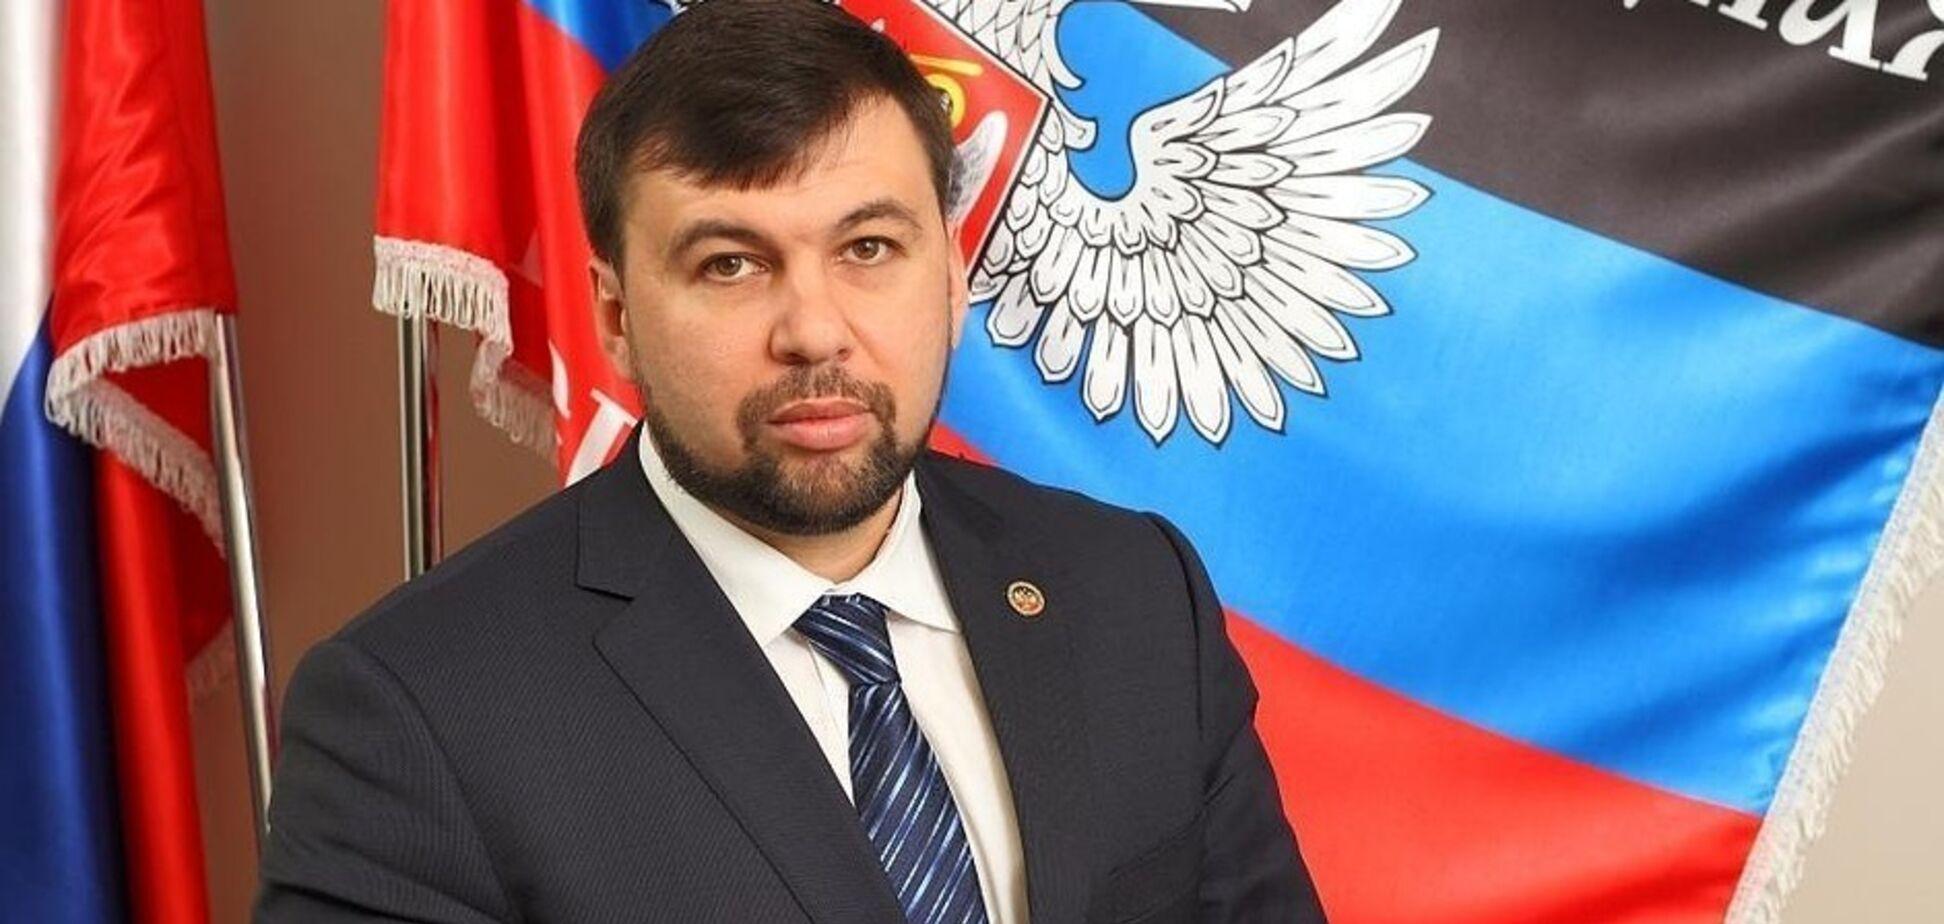 Ватажок ''ДНР'' виступив з екстренною заявою через ЗСУ